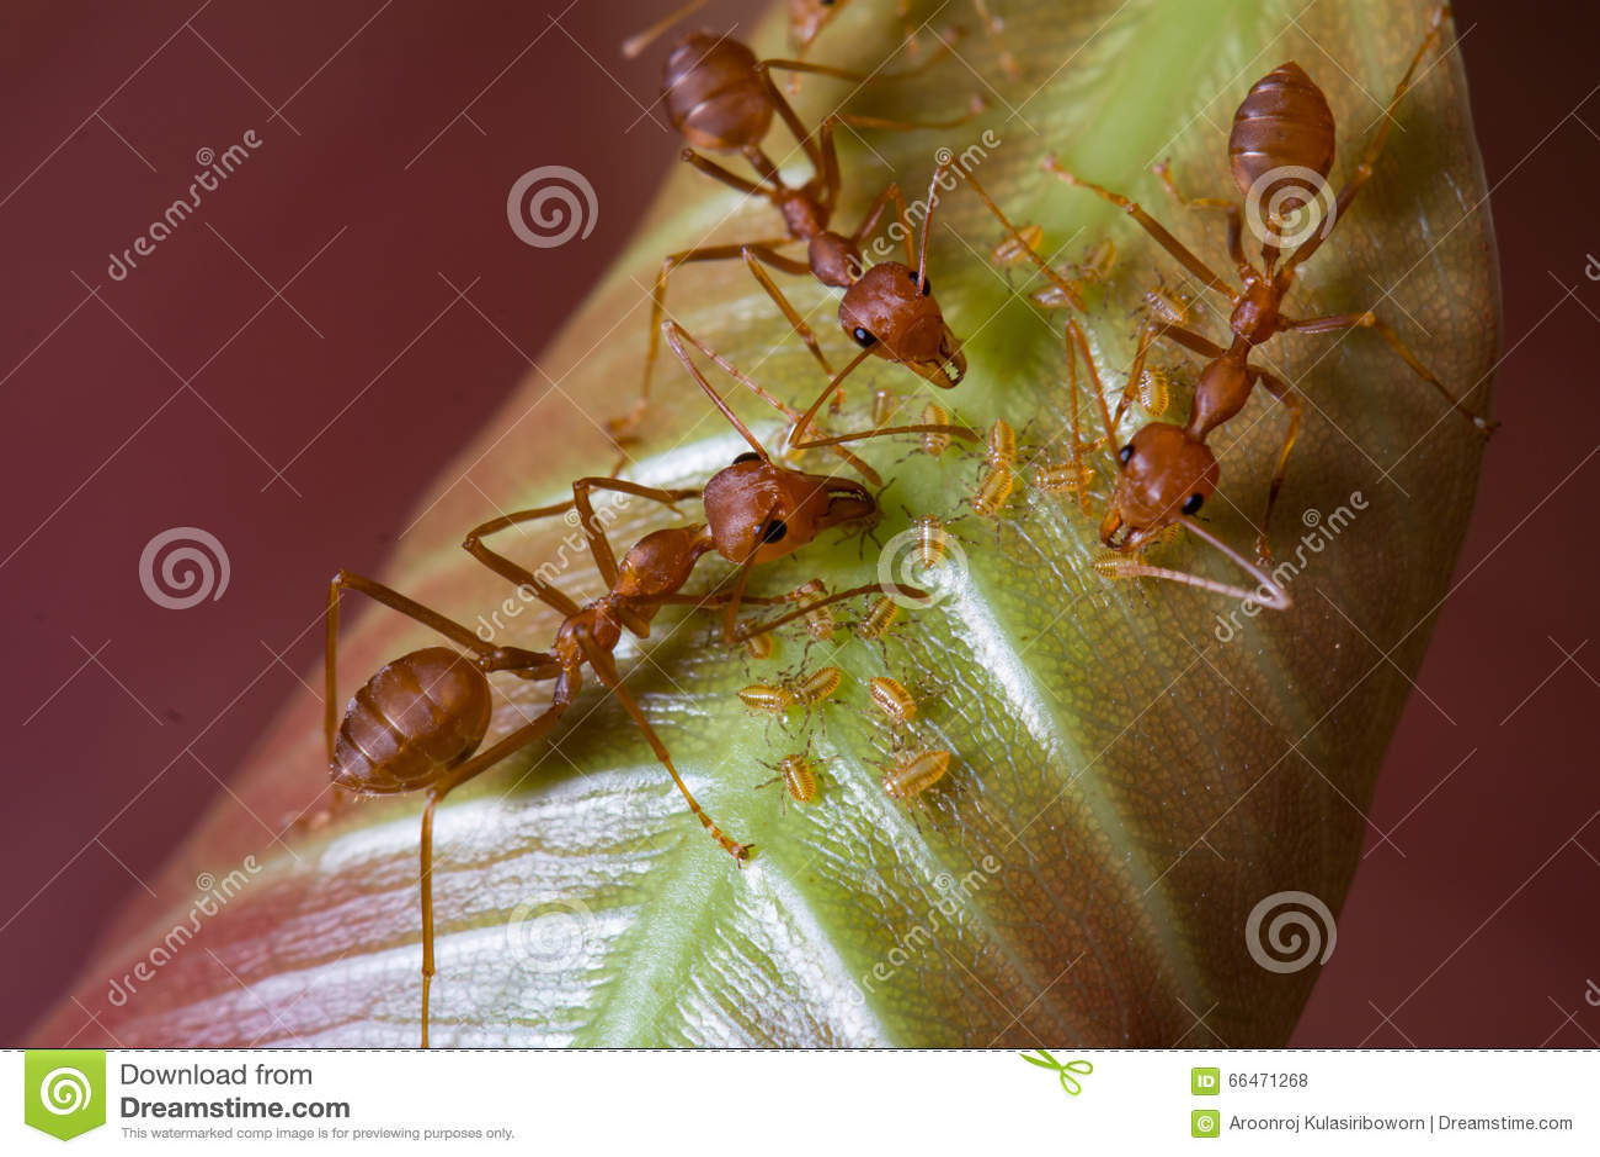 Formigas e afídios vermelhos na folha